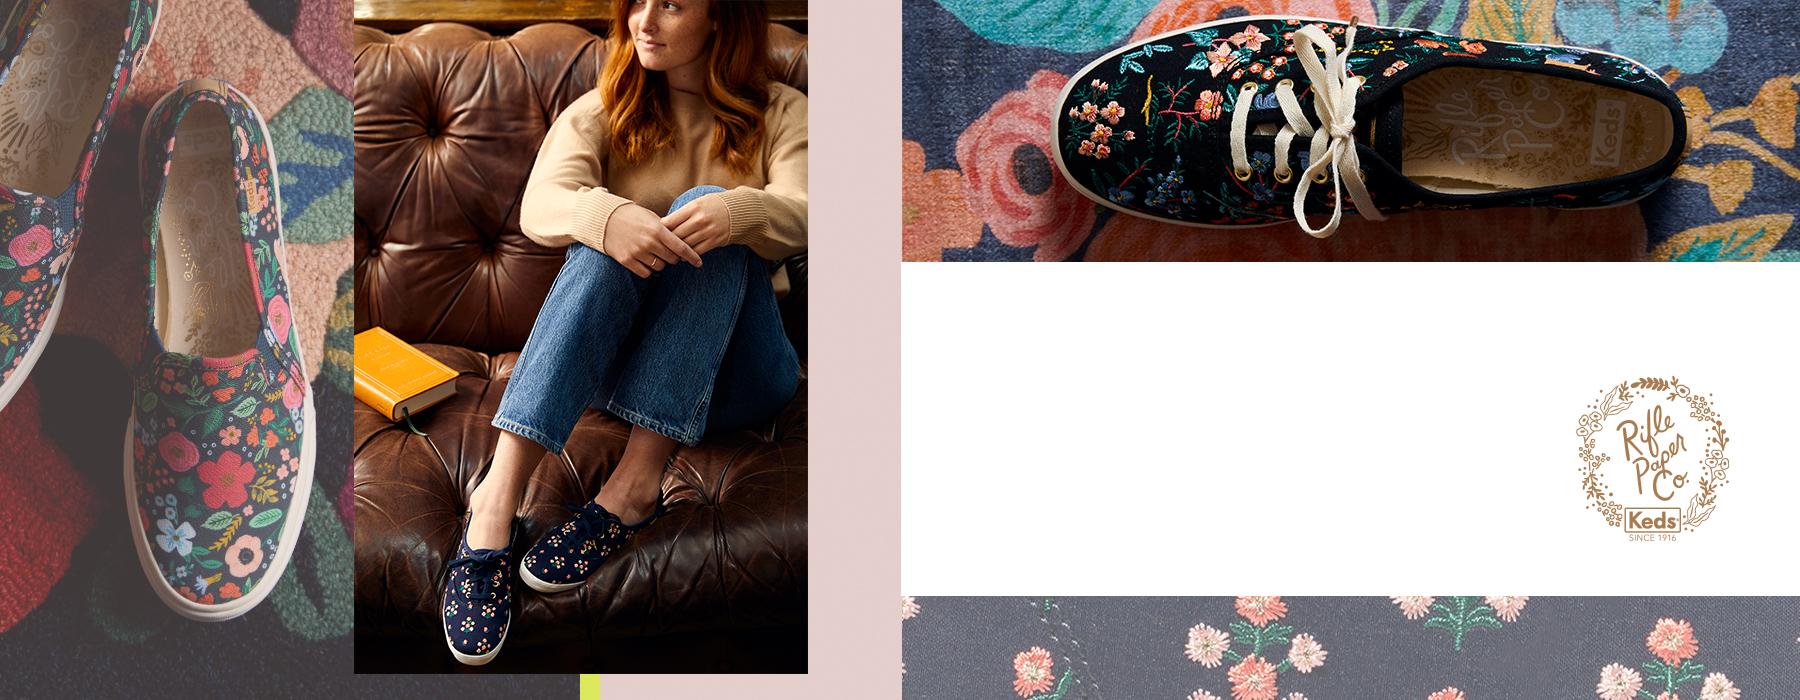 Rifle Paper Co. floral print shoes.